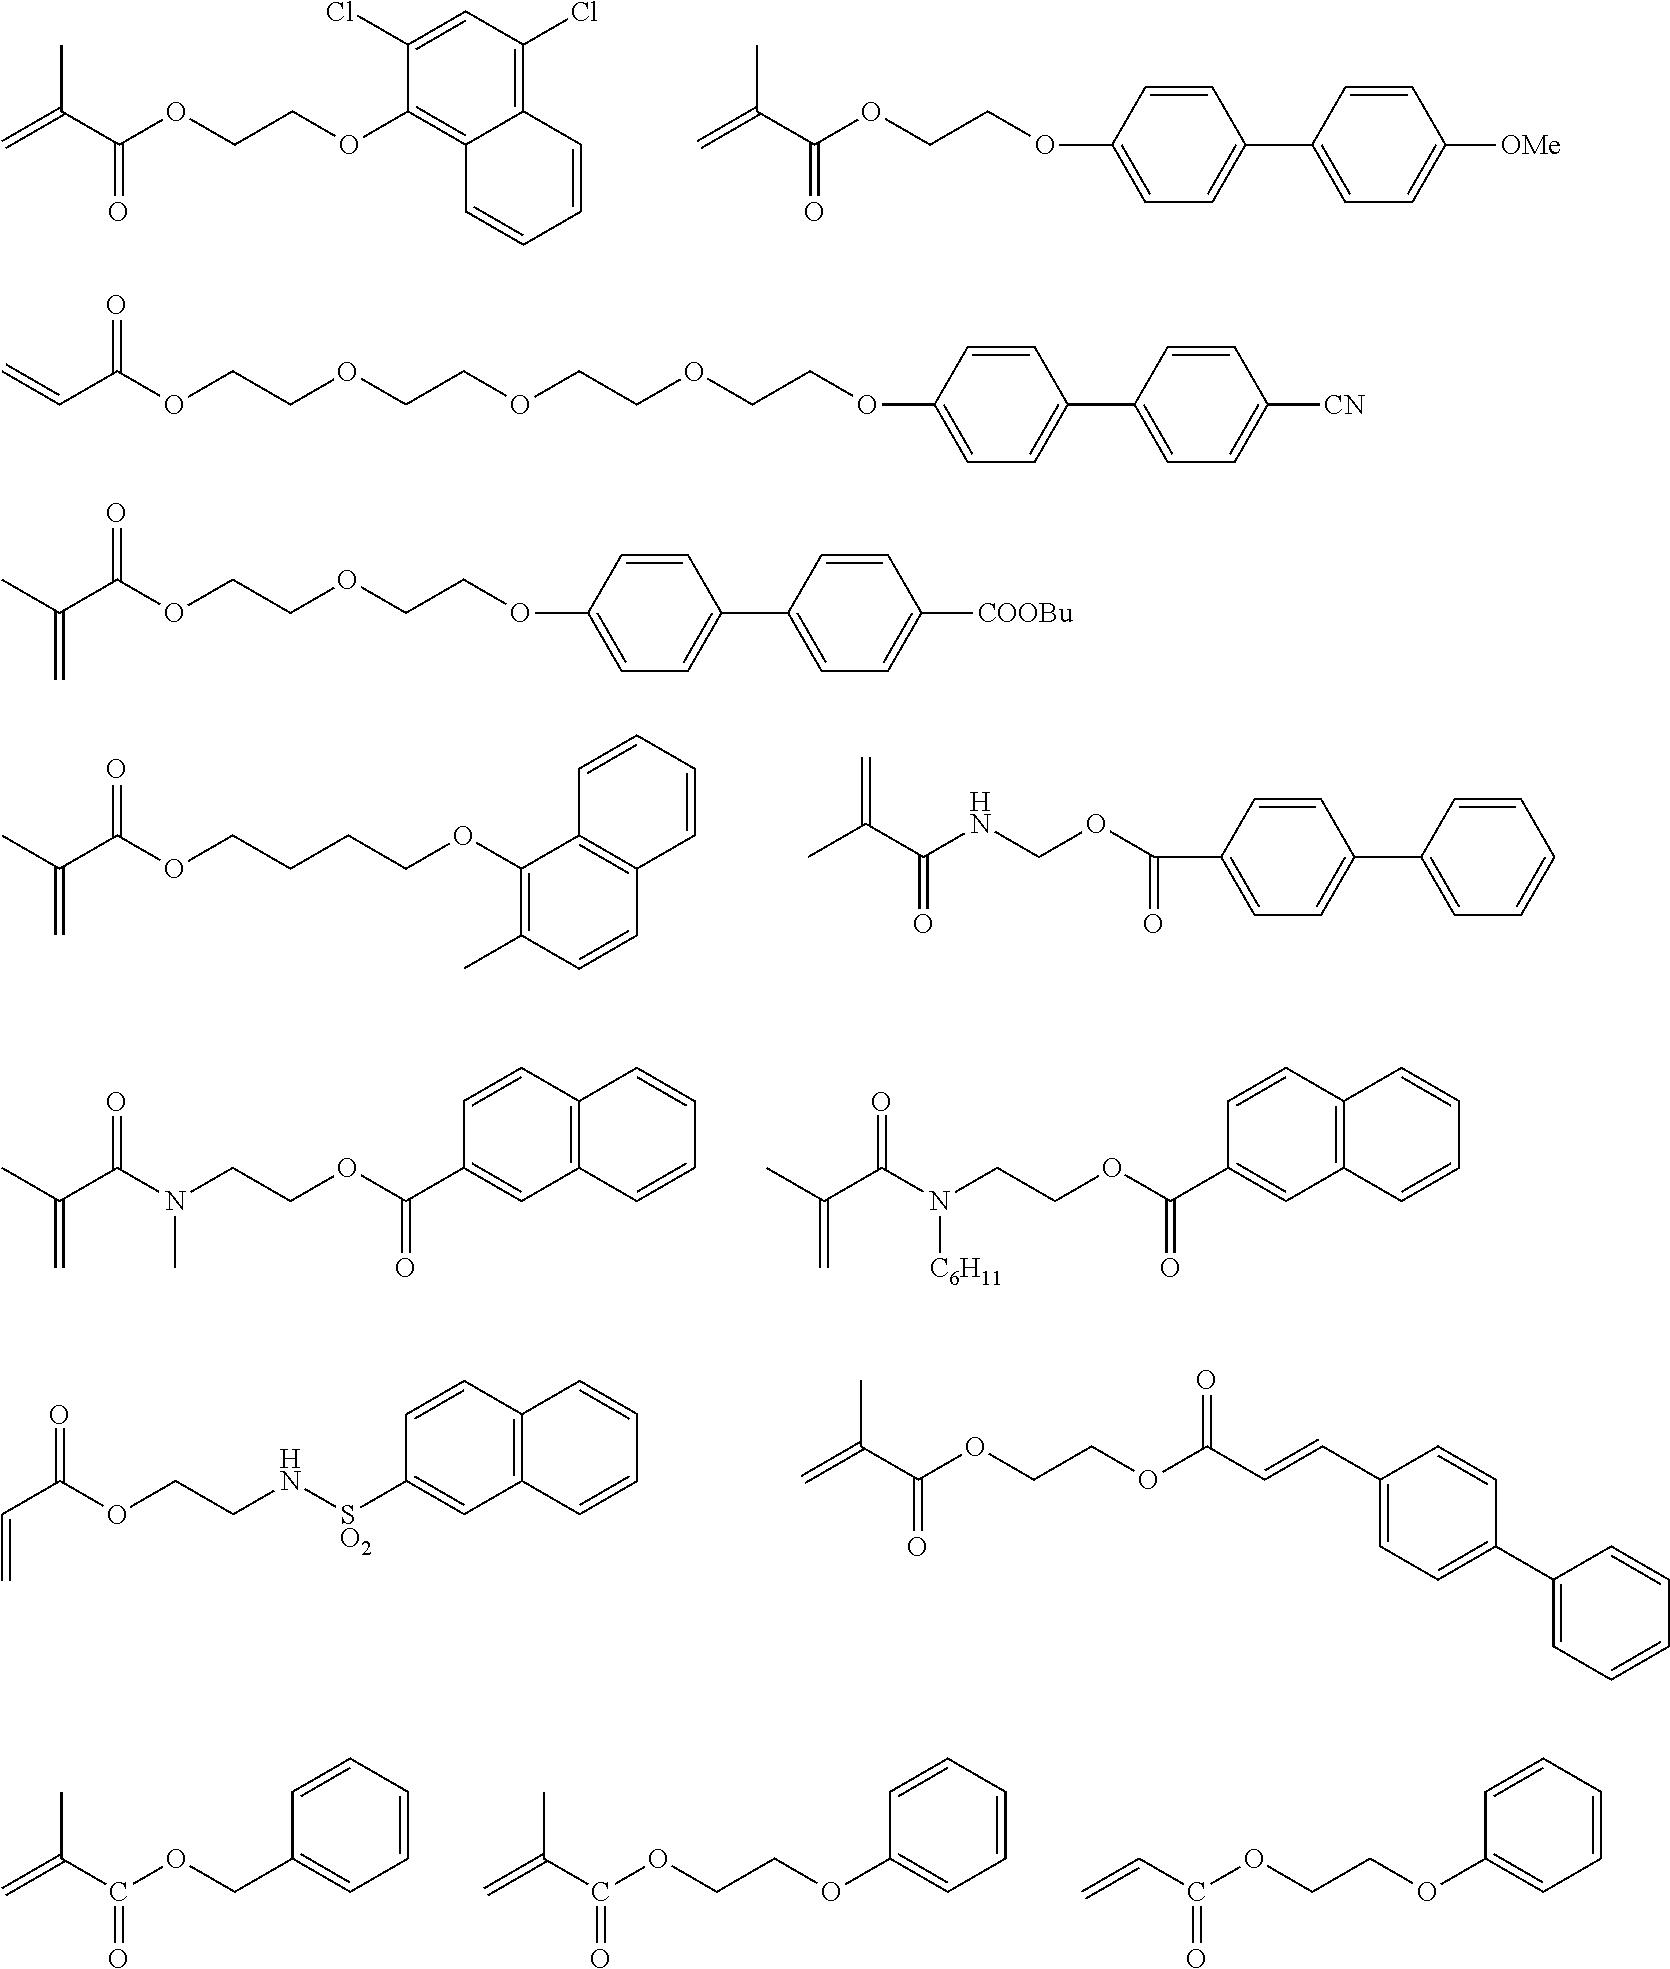 Figure US09714356-20170725-C00004